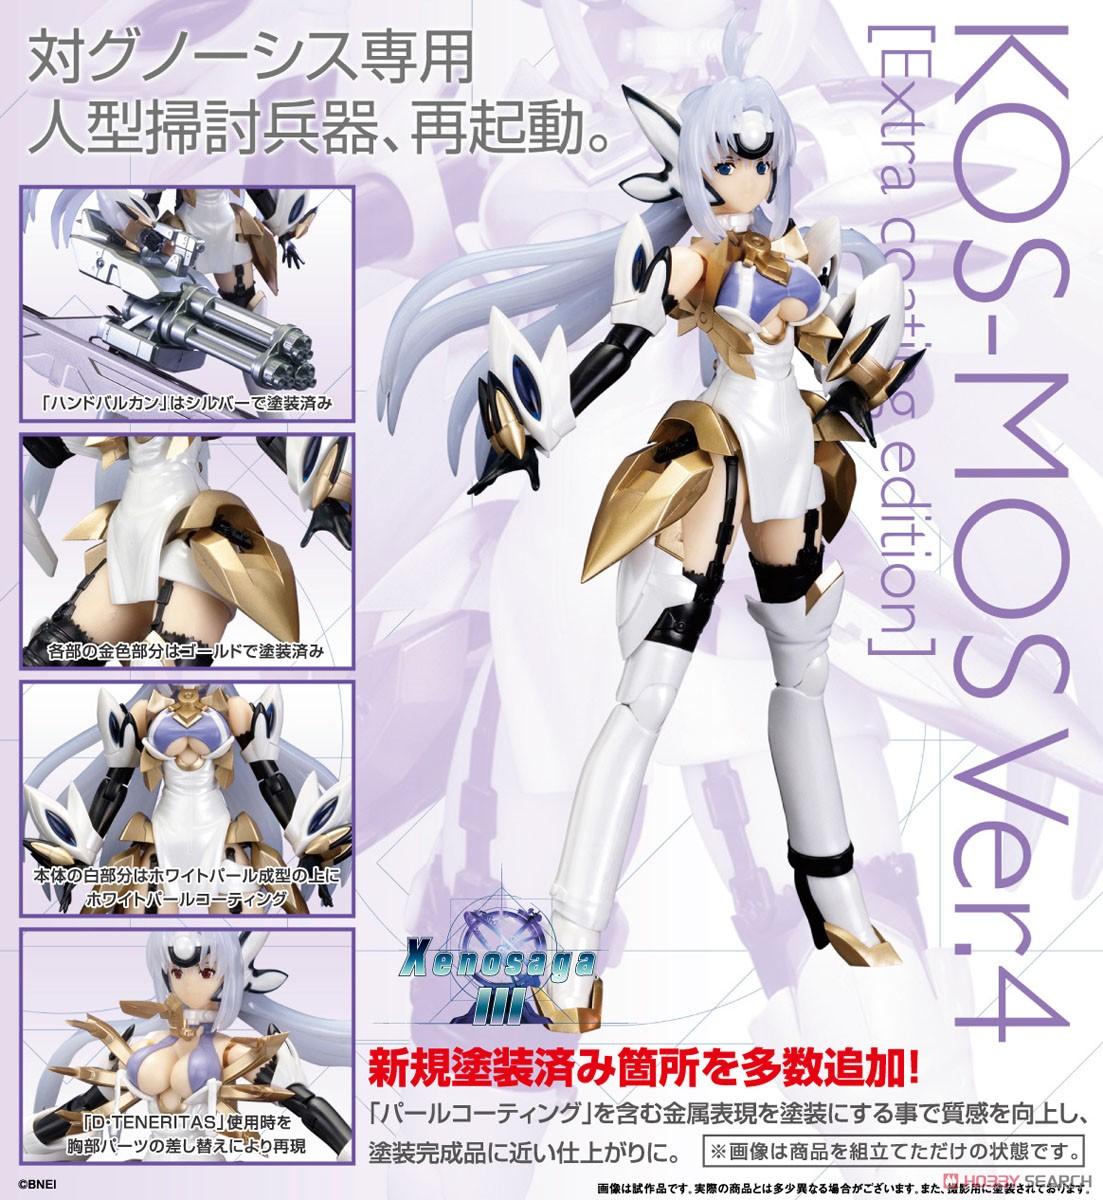 【再販】ゼノサーガIII『KOS-MOS(コスモス)Ver.4 エクストラコーティングエディション』1/12 プラモデル-017